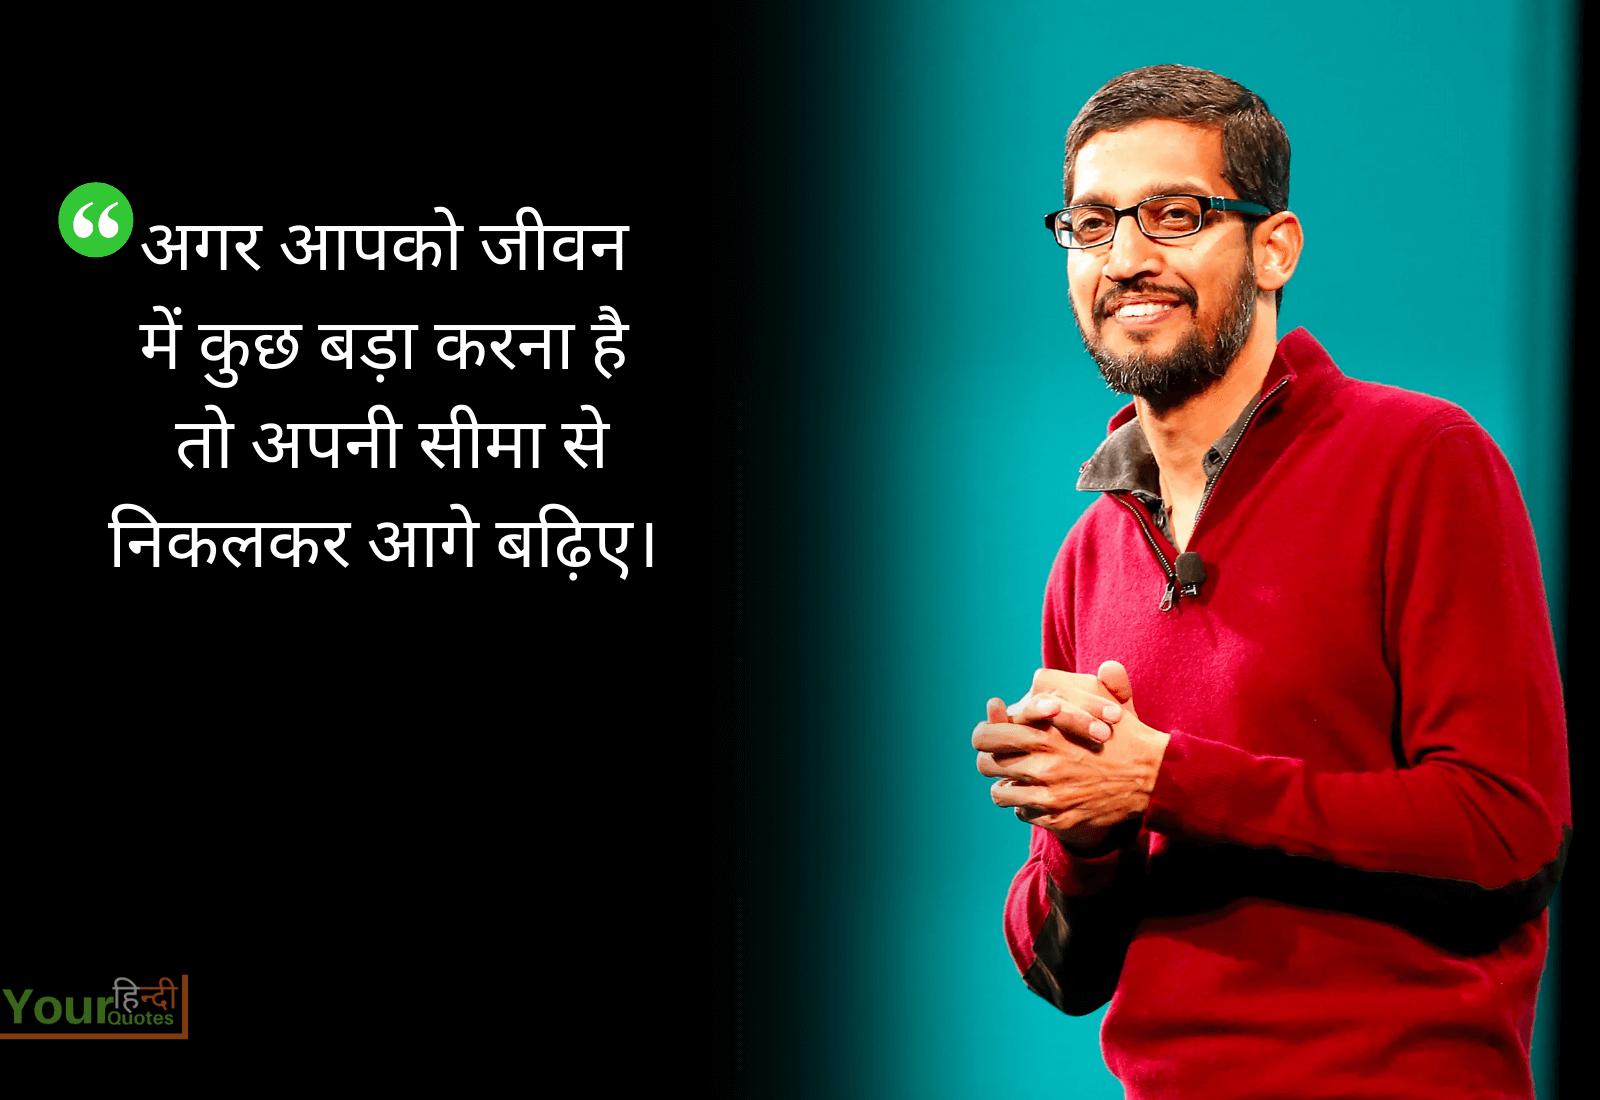 Sundar Pichai Biography in Hindi